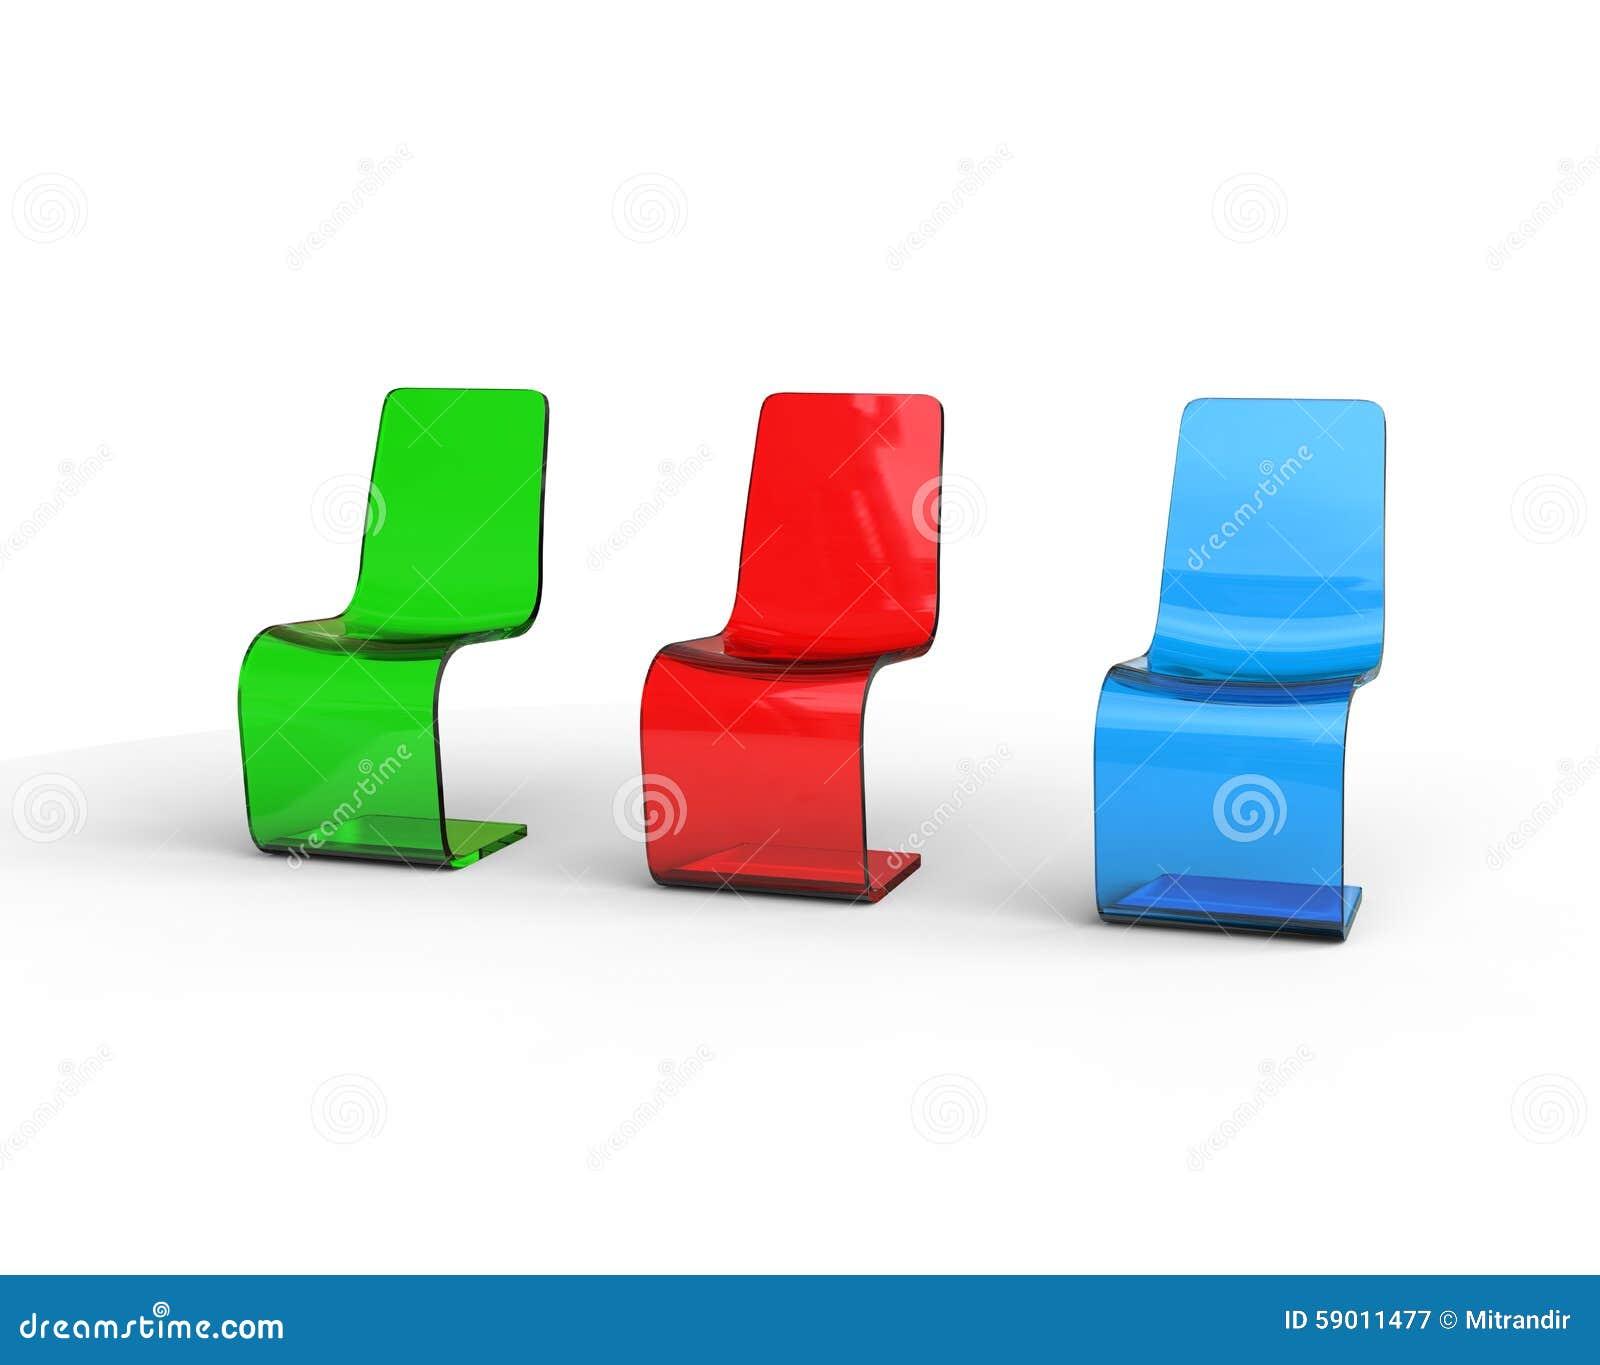 Sedie Verdi Di Plastica.Sedie Di Plastica Verdi Rosse E Blu Futuristiche Illustrazione Di